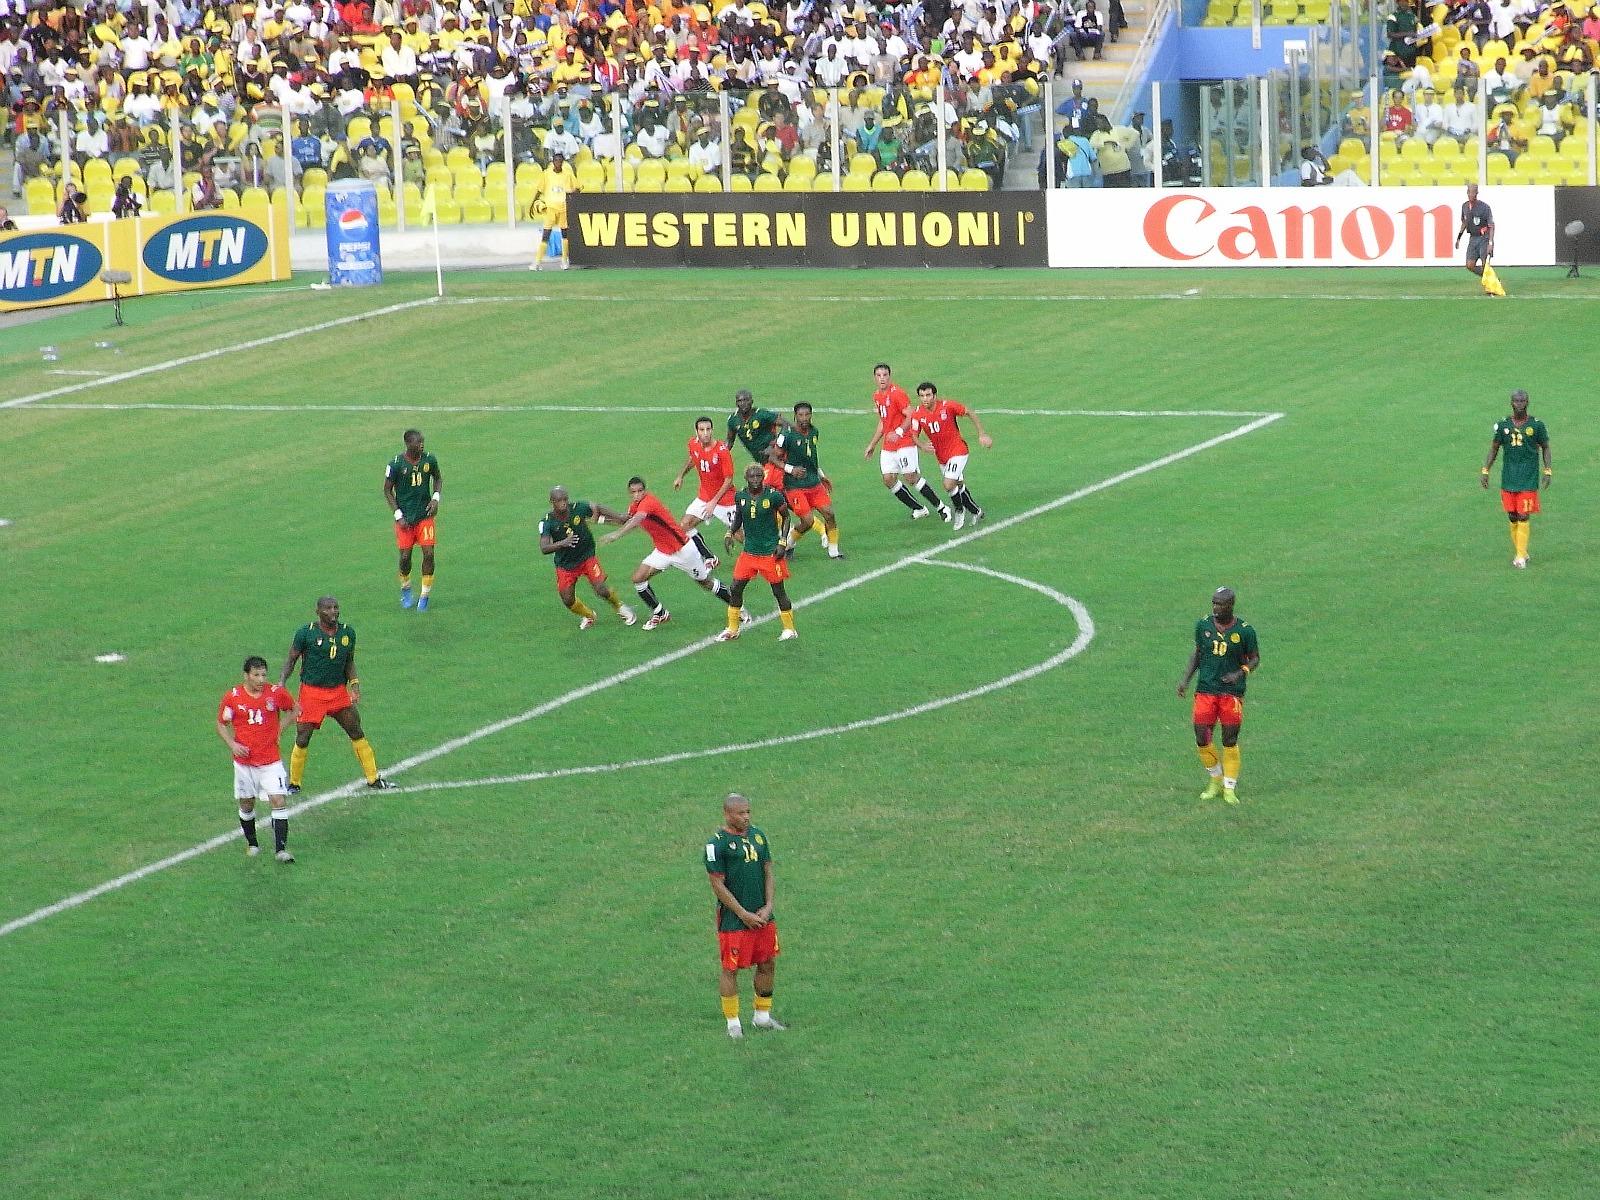 Durant la Coupe du monde, les journalistes camerounais n'auront d'yeux que pour les Lions indomptables (Crédit photo : hiroo, Flickr/CC)